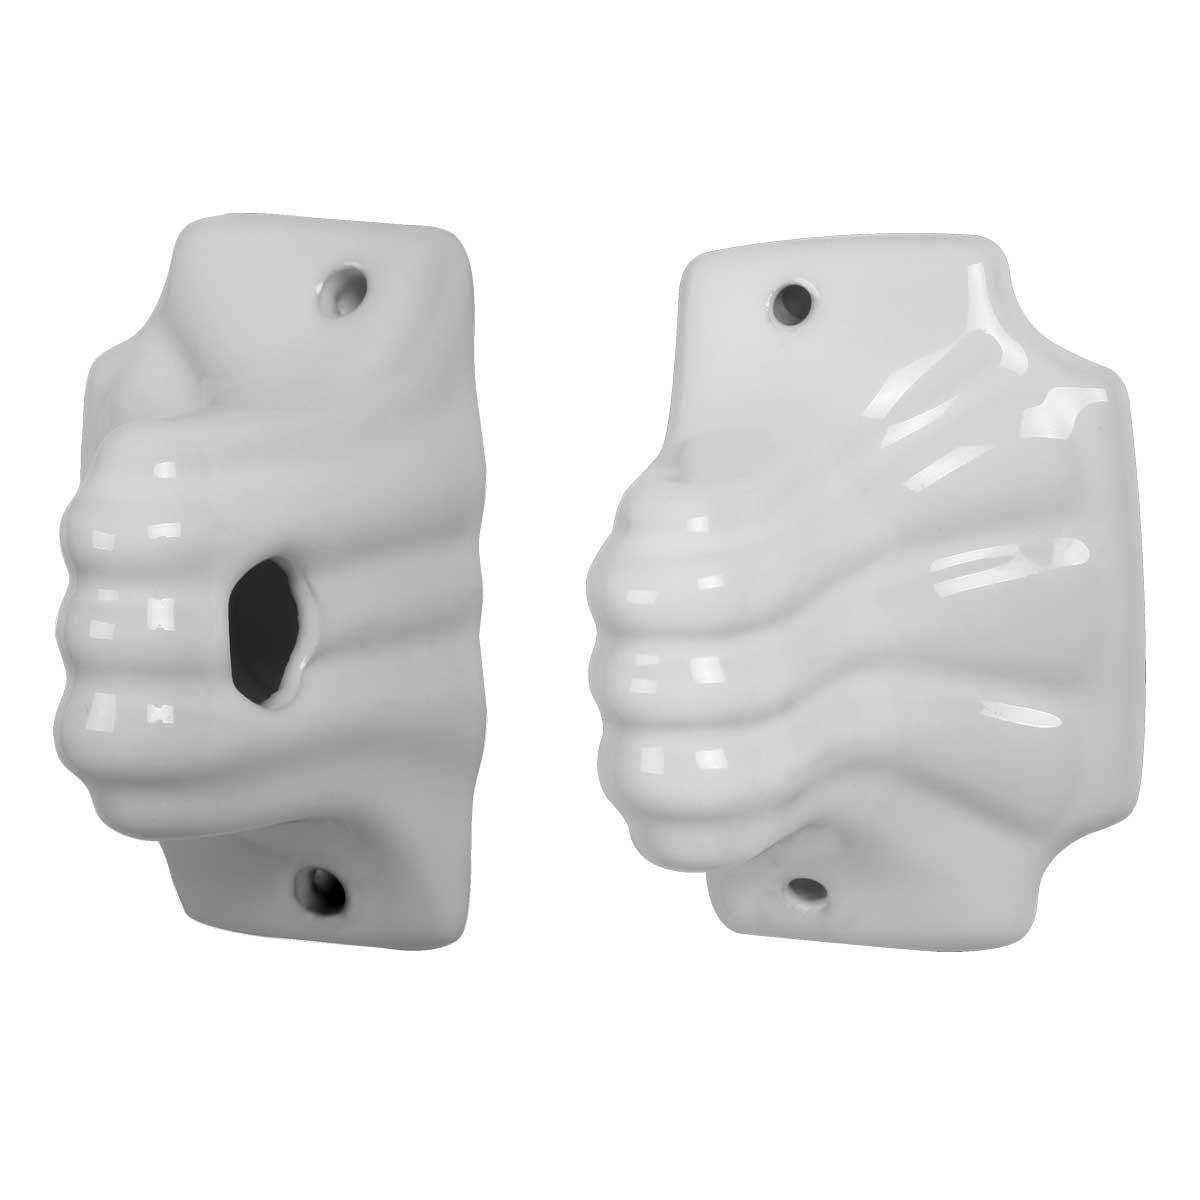 Shop Ceramic Towel Bar Holders White Porcelain Bath Accessories ...